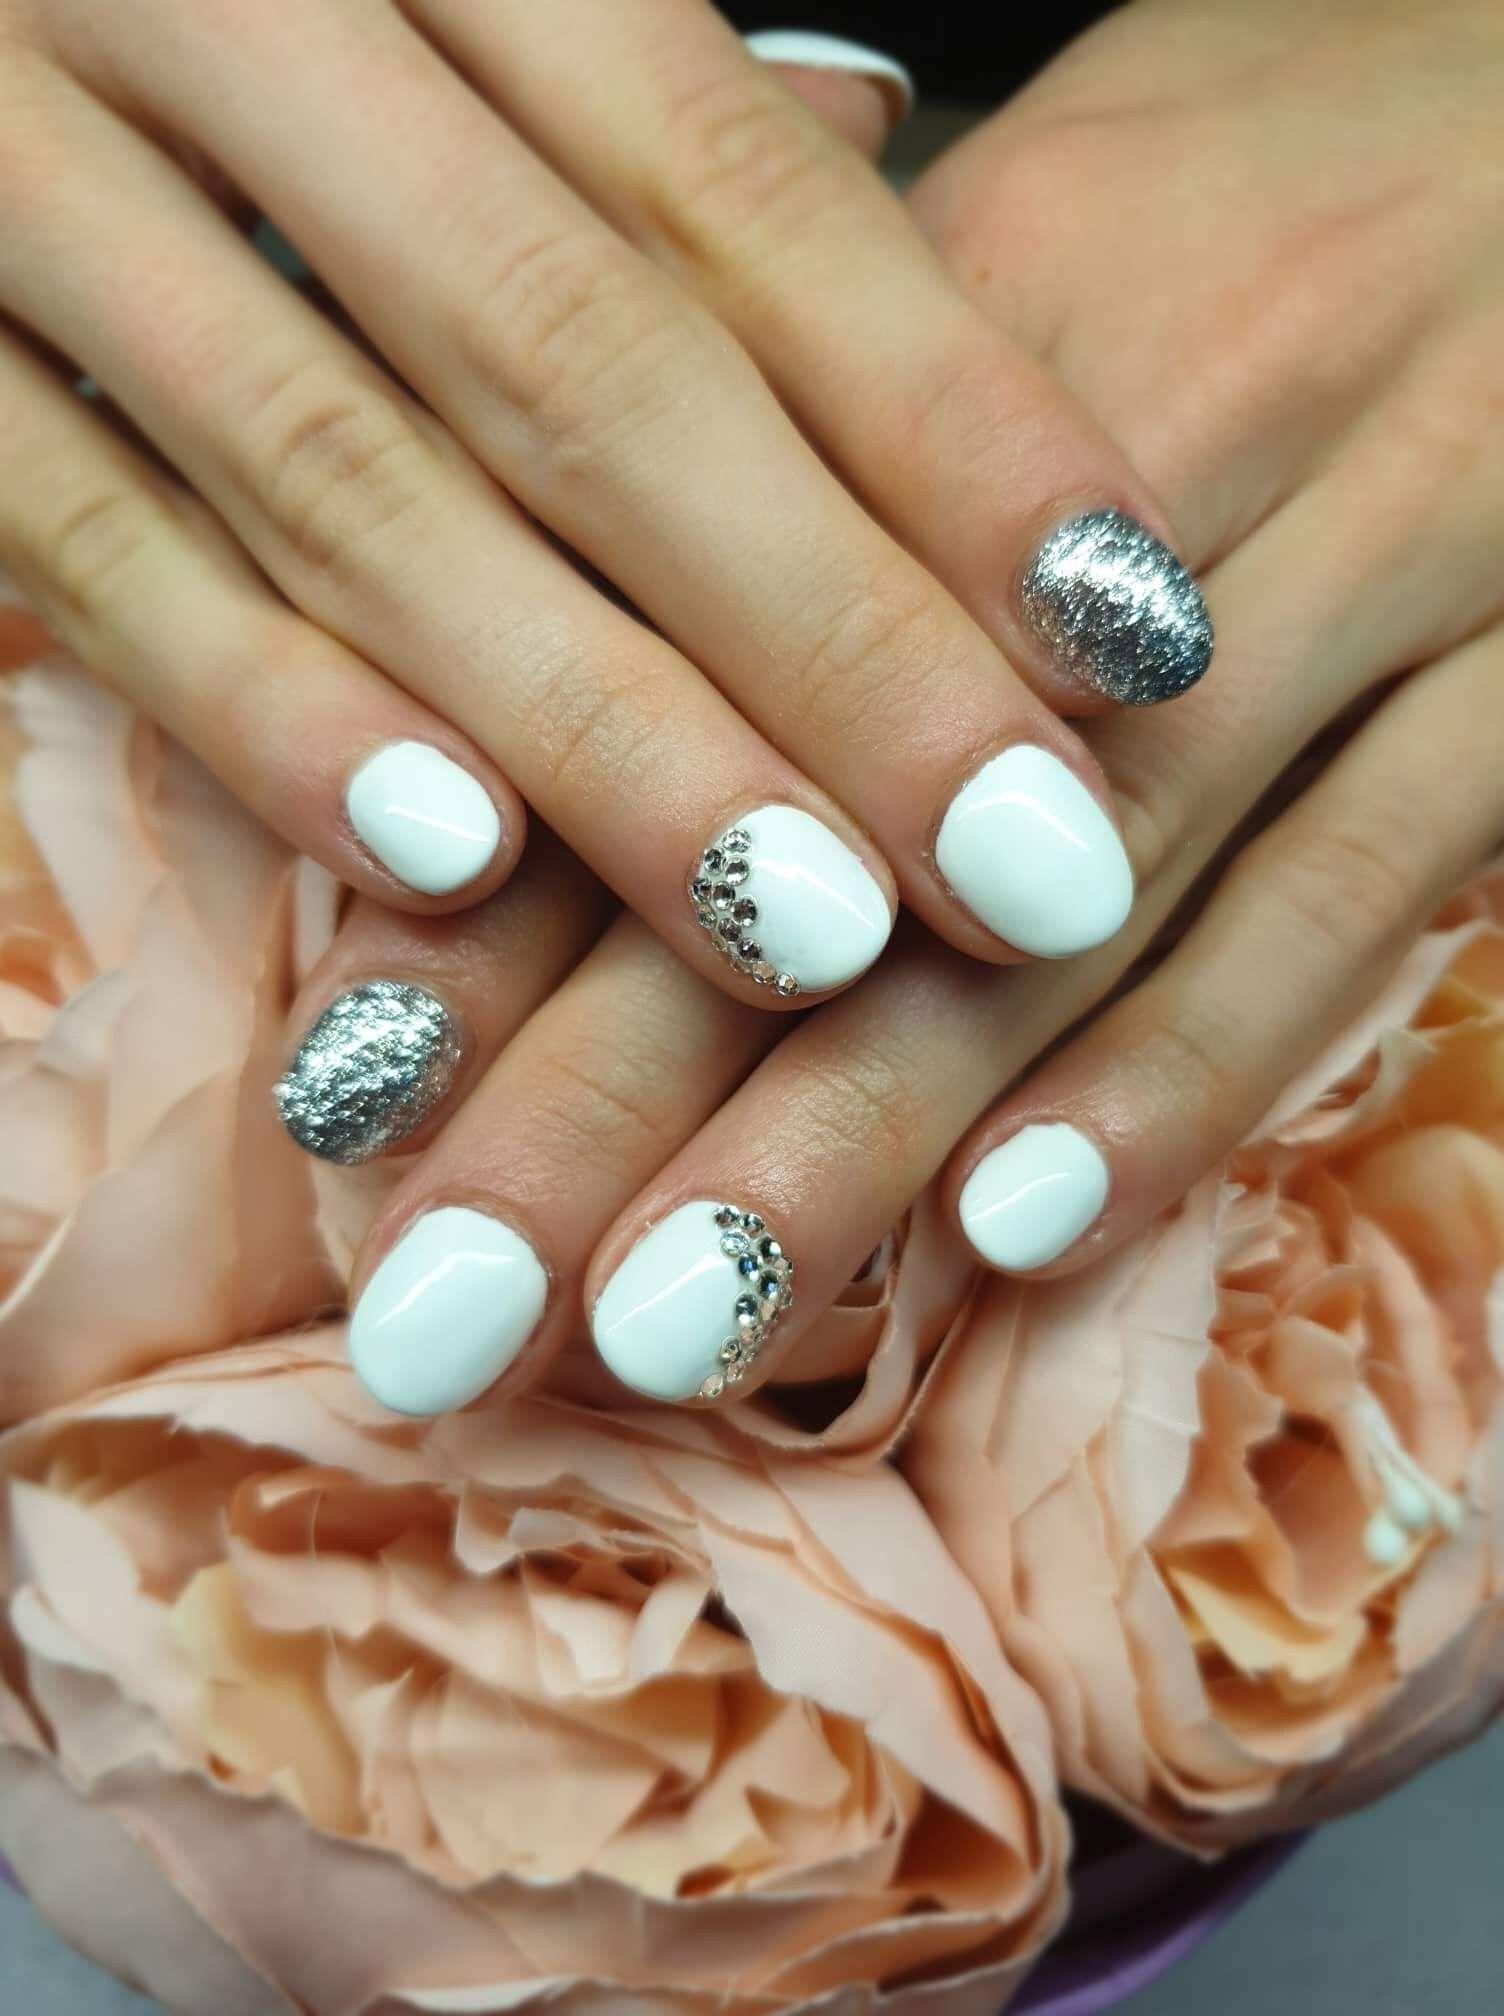 c6911008bd Rövid fehér, ezüst köröm   Körmök ekkor: 2019   Nails és Beauty